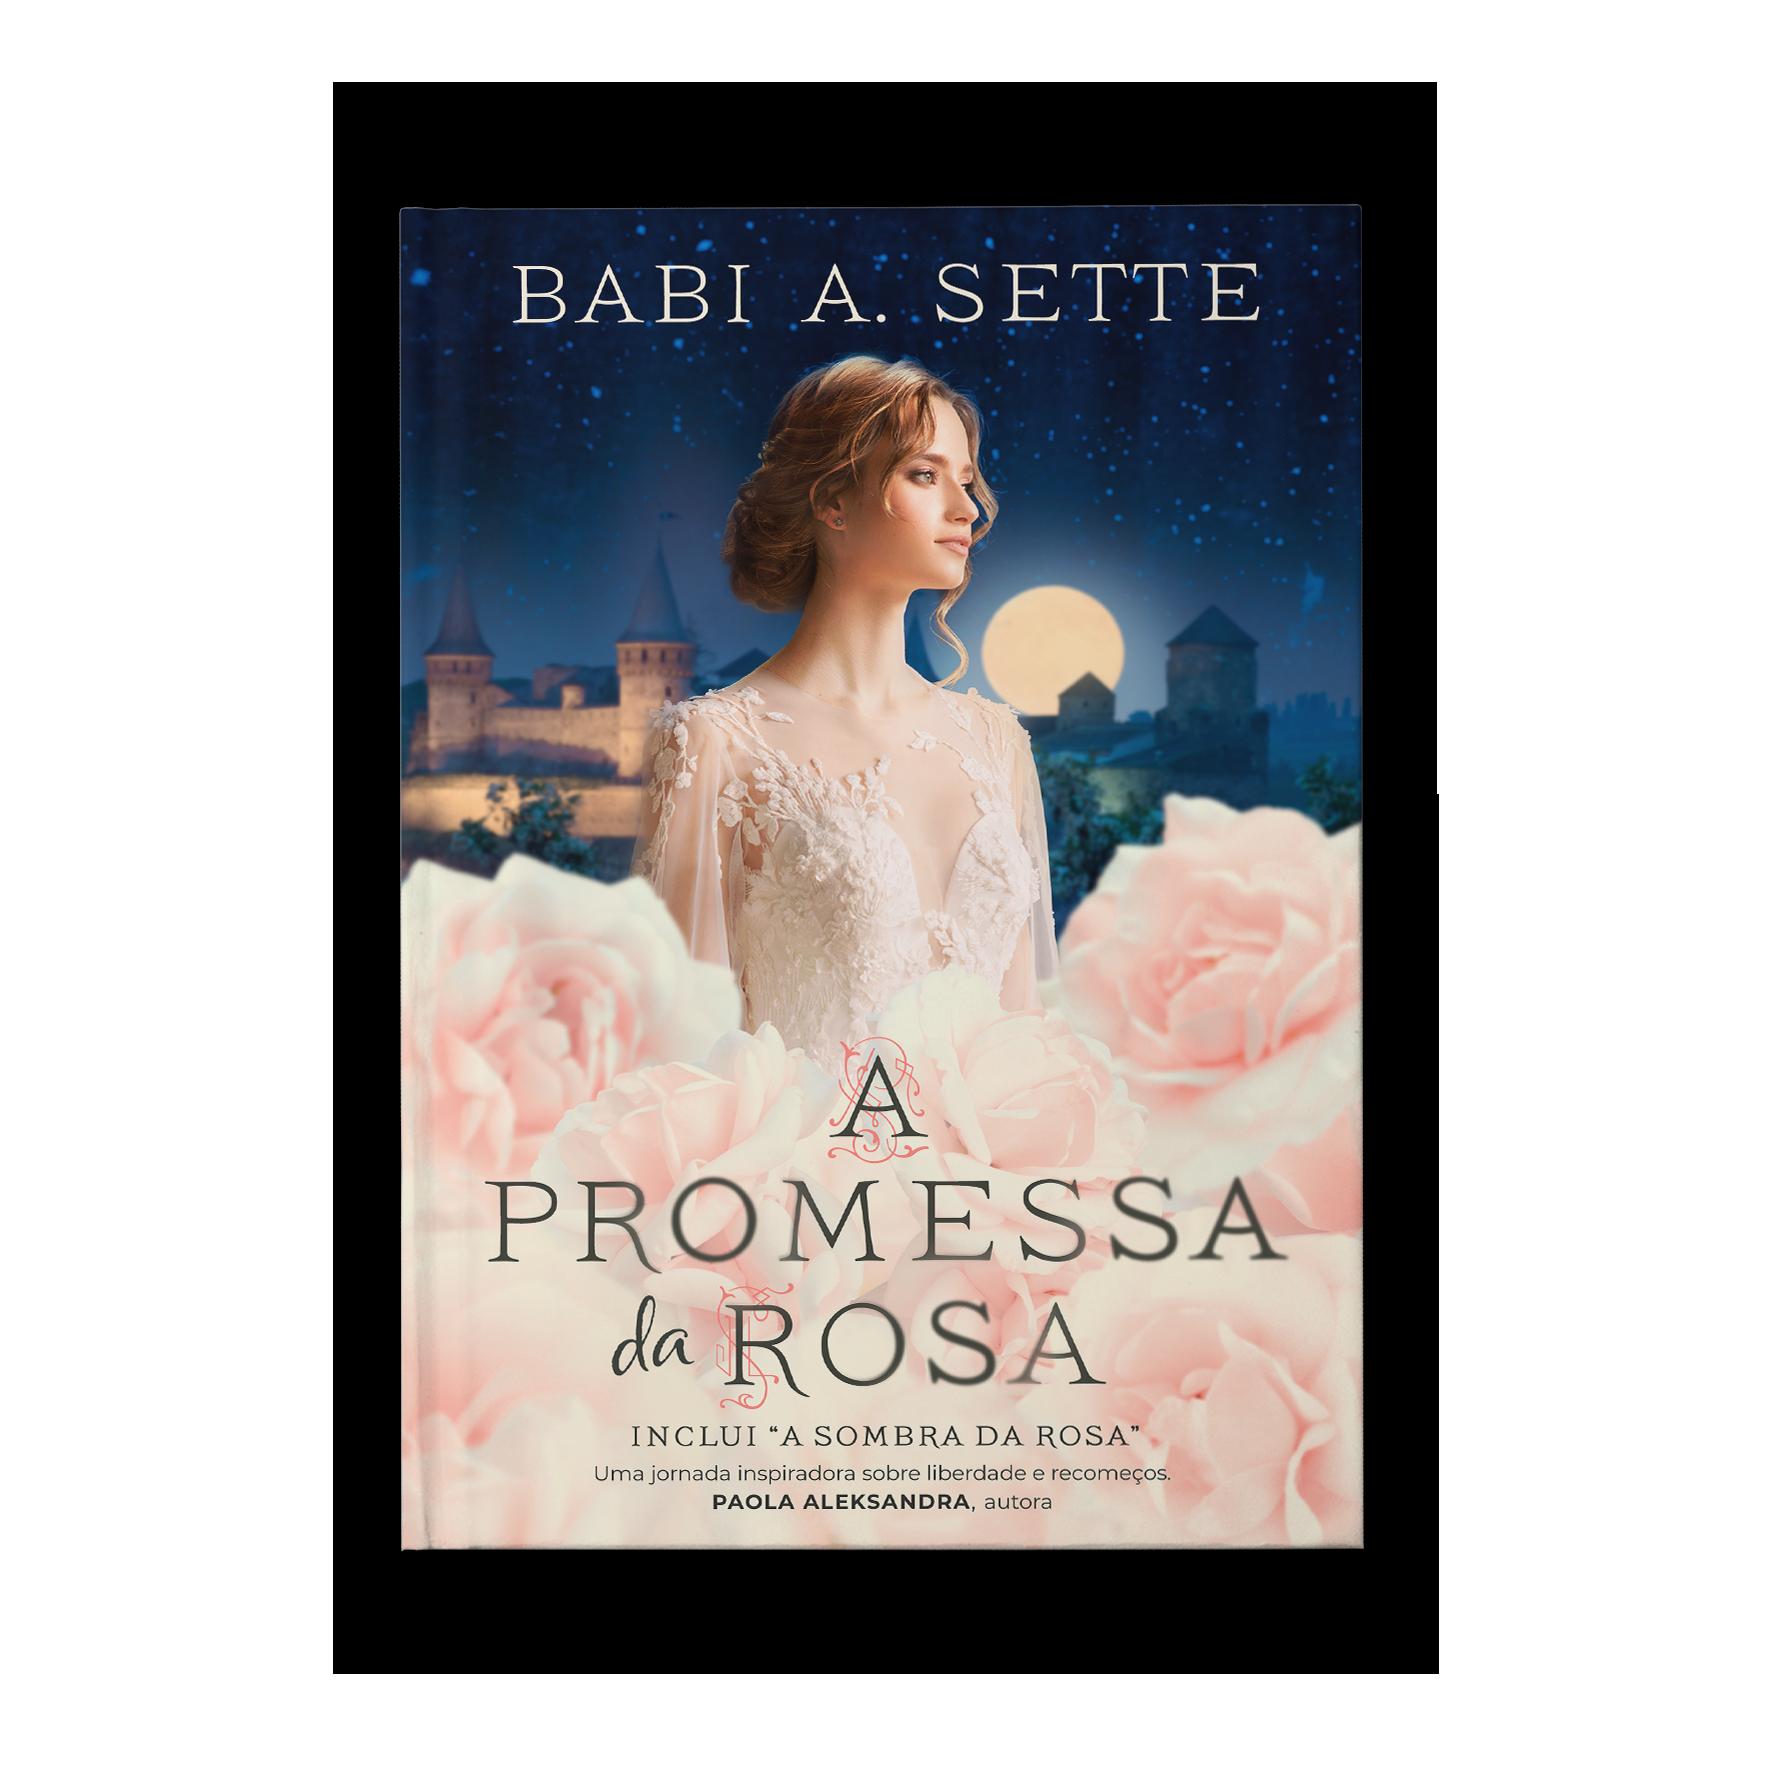 A promessa da rosa – Babi A. Sette